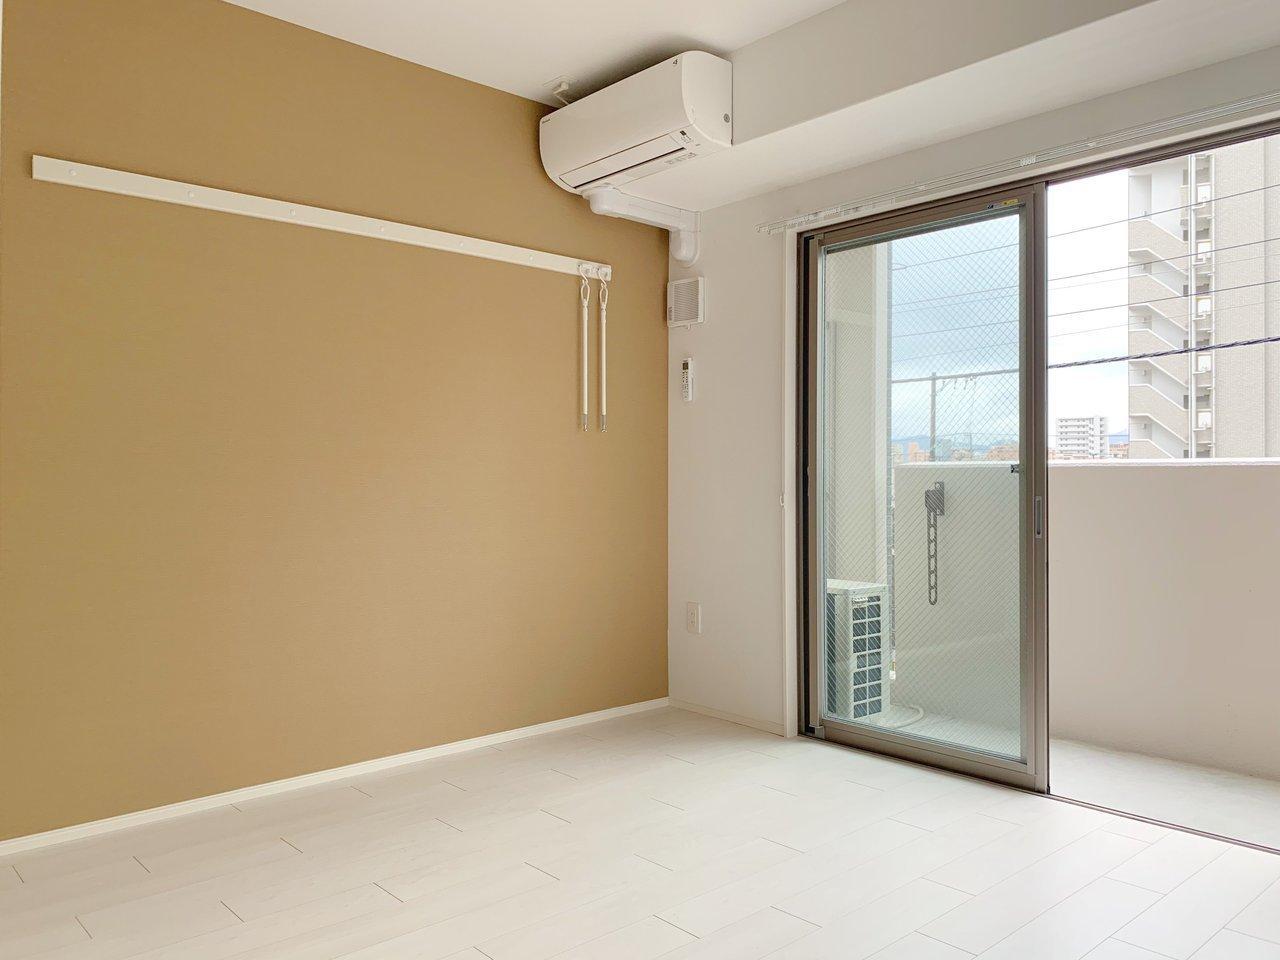 蔦屋家電のすぐ近くにある新築マンション。お部屋は8畳ほどと良いサイズ。マスタードカラーのアクセントクロスがおしゃれです。